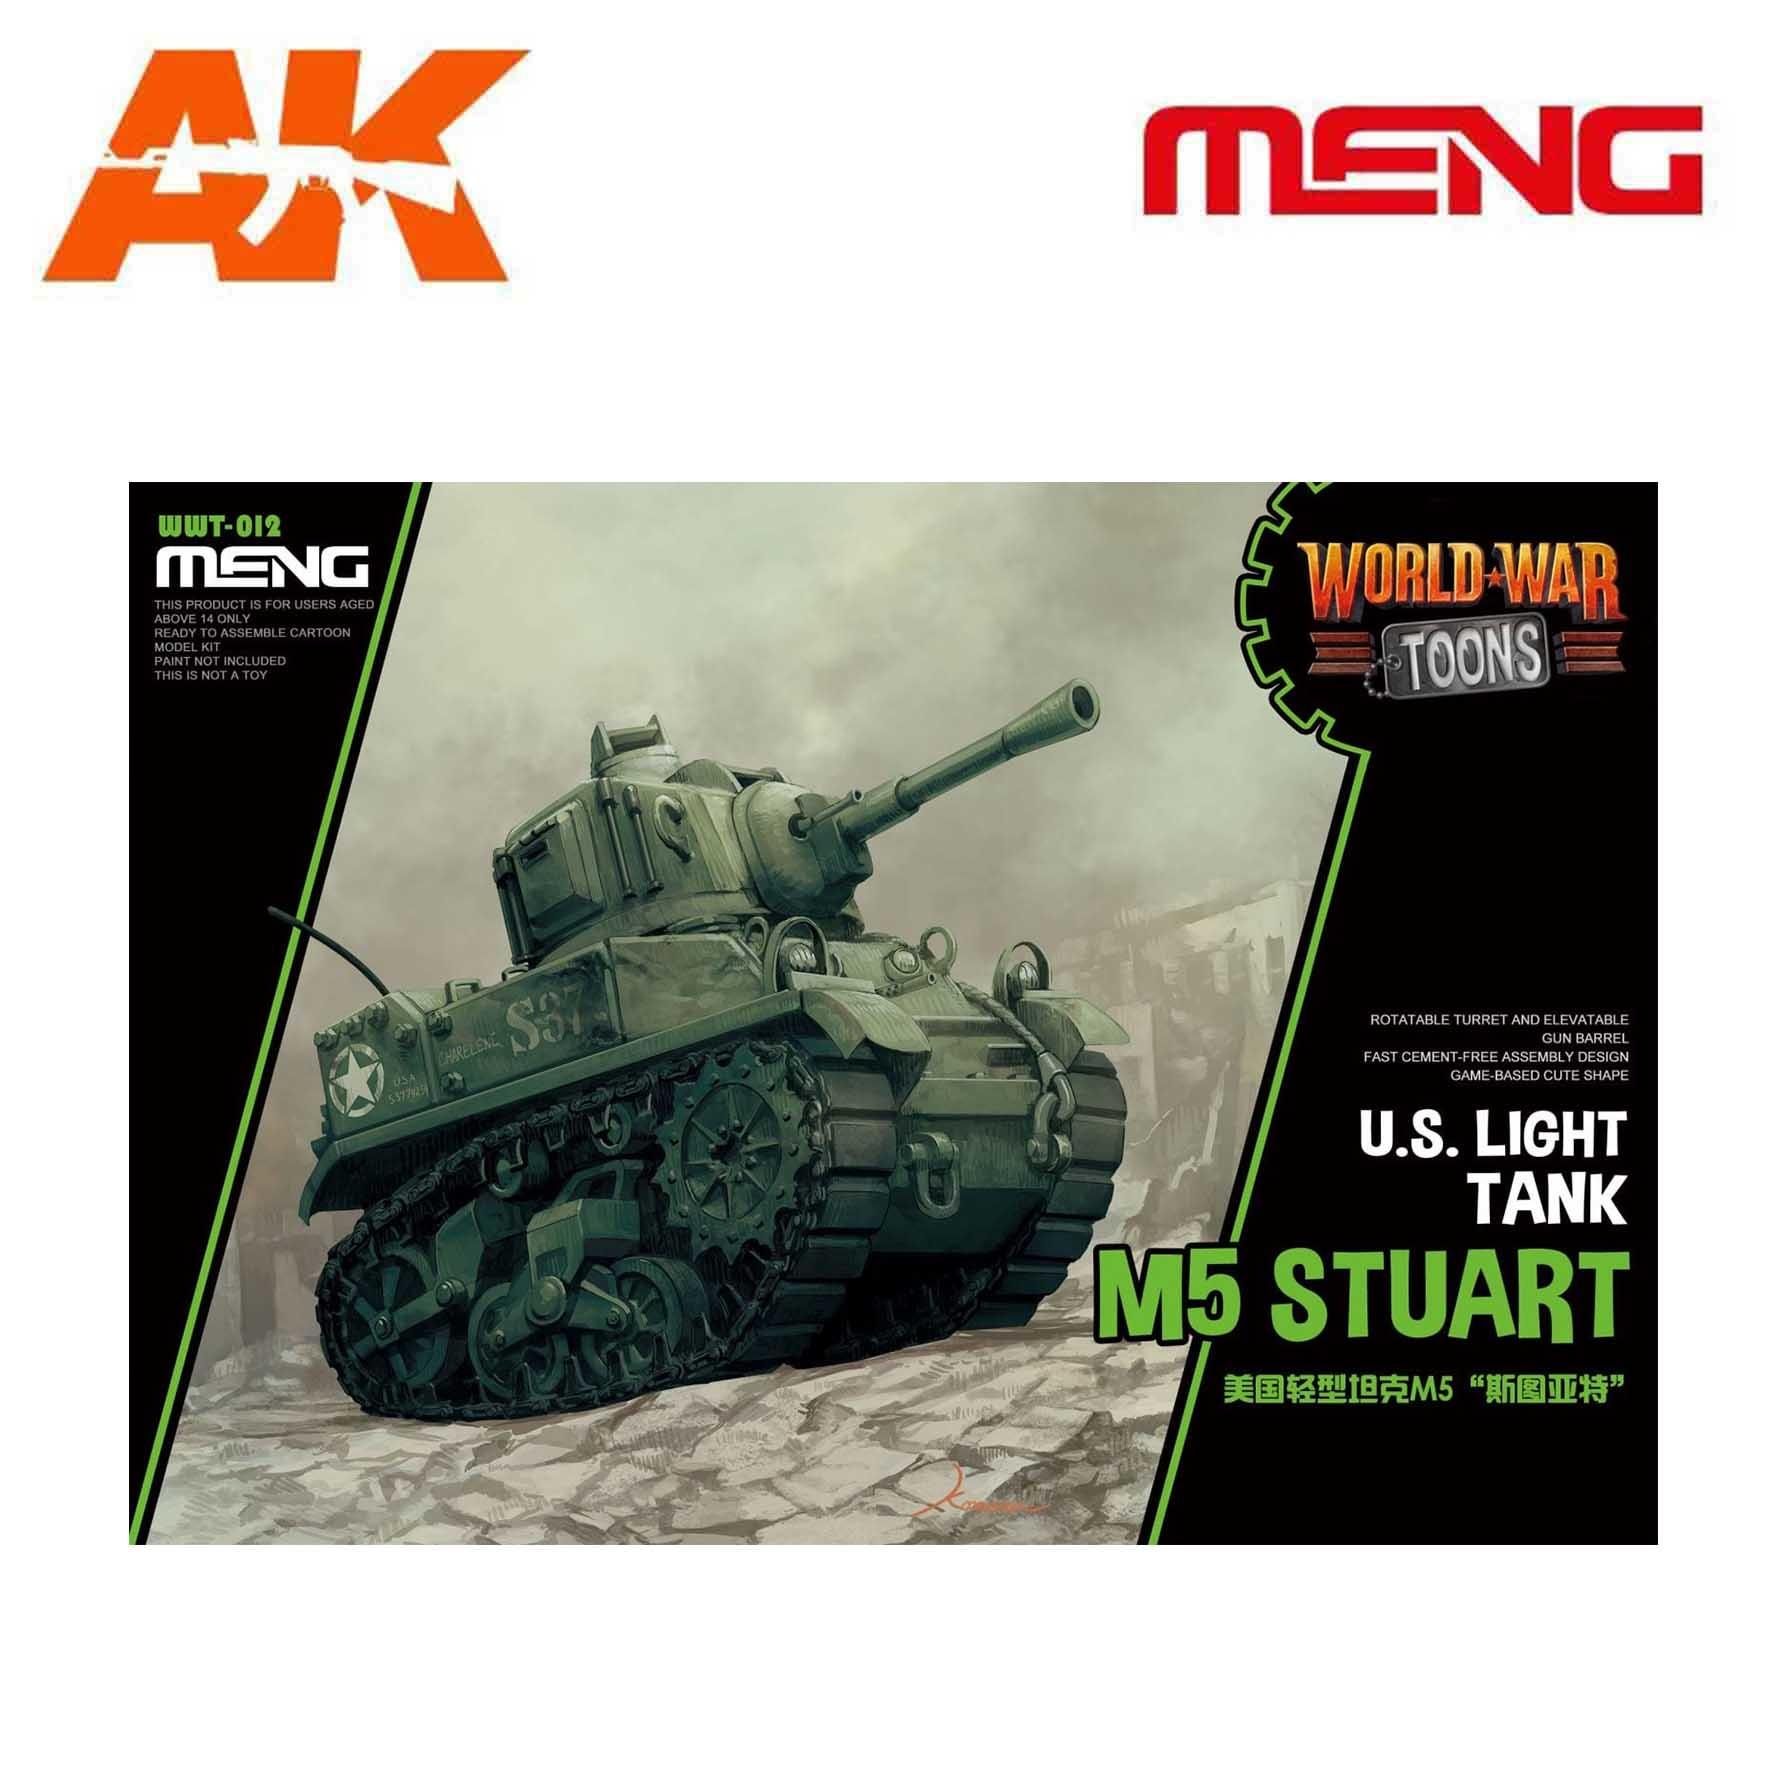 Meng Models U.S. Light Tank M5 Stuart - Cartoon Model - Meng Models - MM Wwt-012